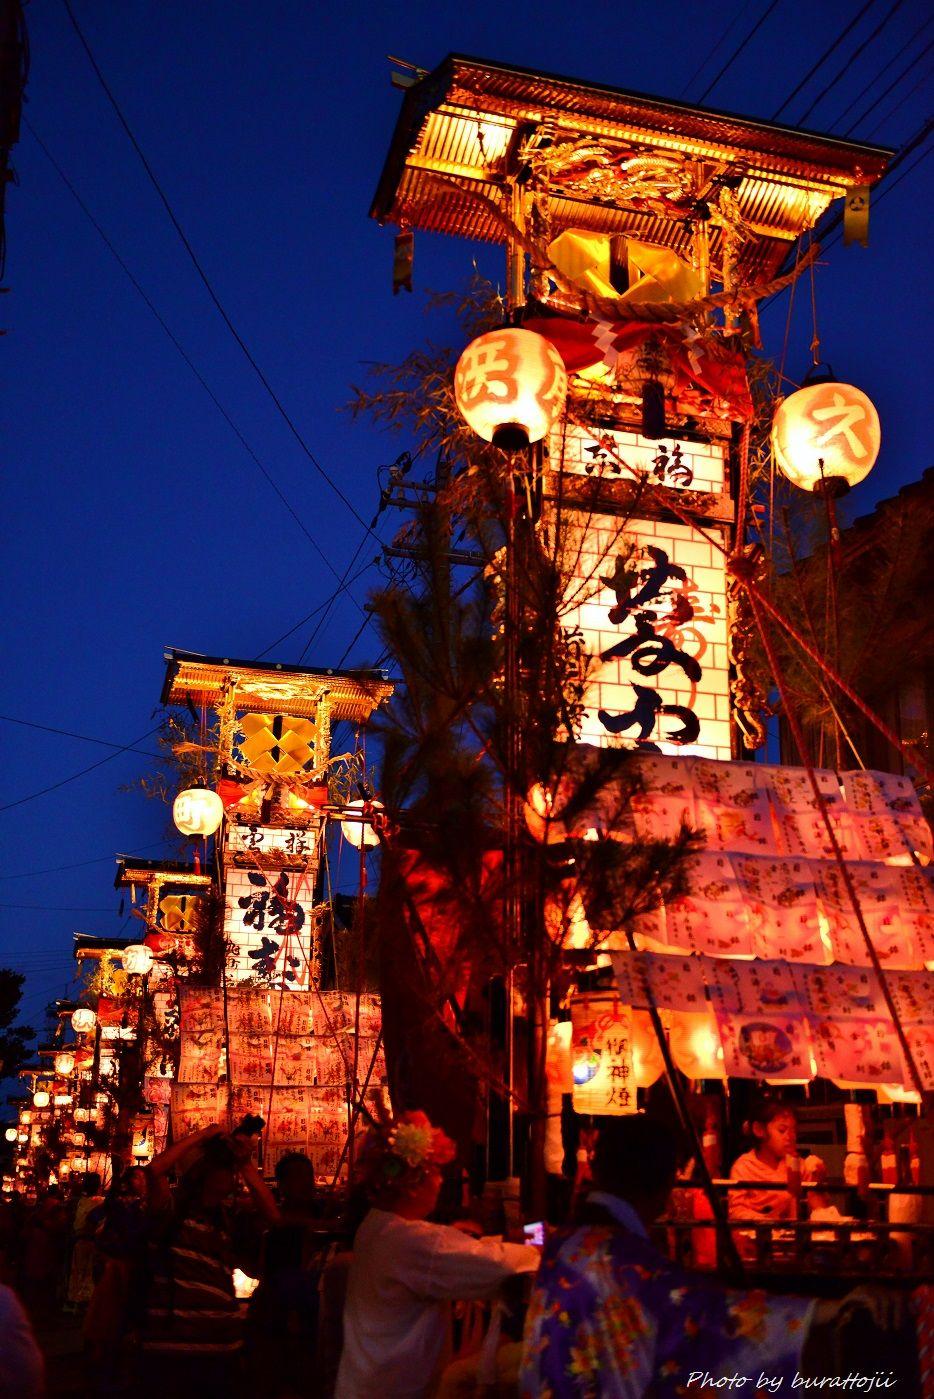 2014.09.11蛸島キリコ祭りの夜5